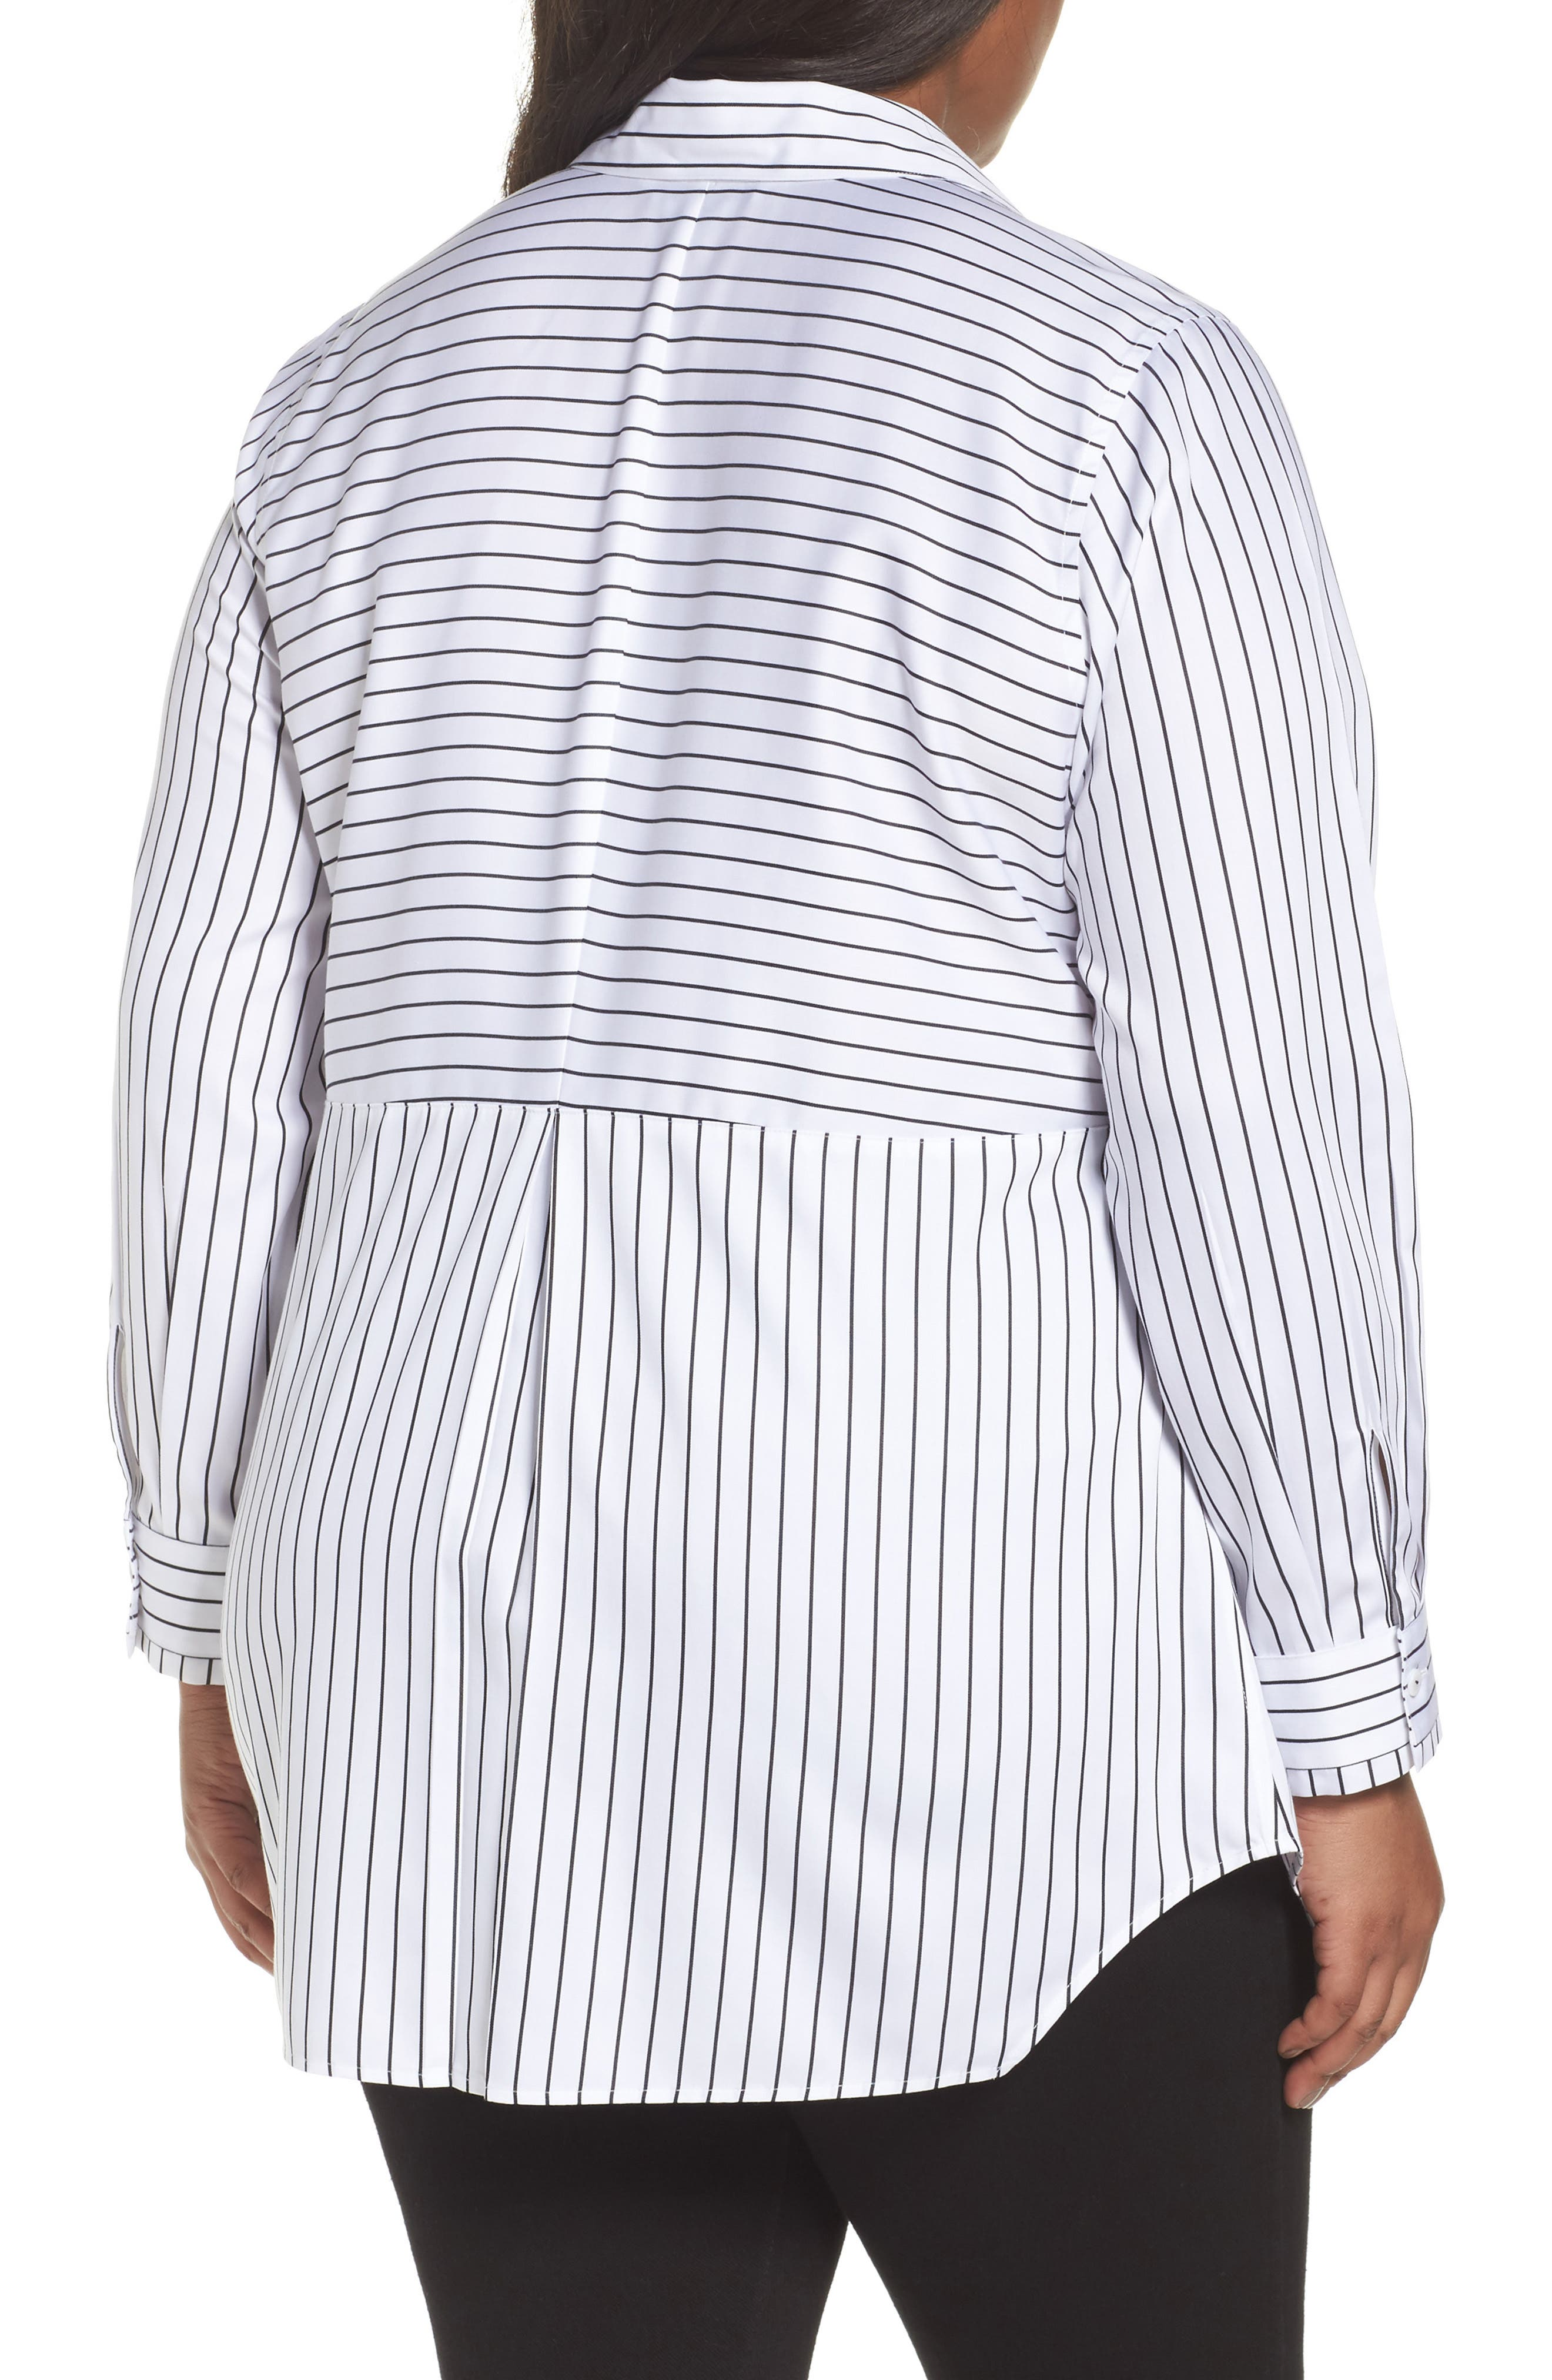 Gina Holiday Stripe Shirt,                             Alternate thumbnail 2, color,                             100